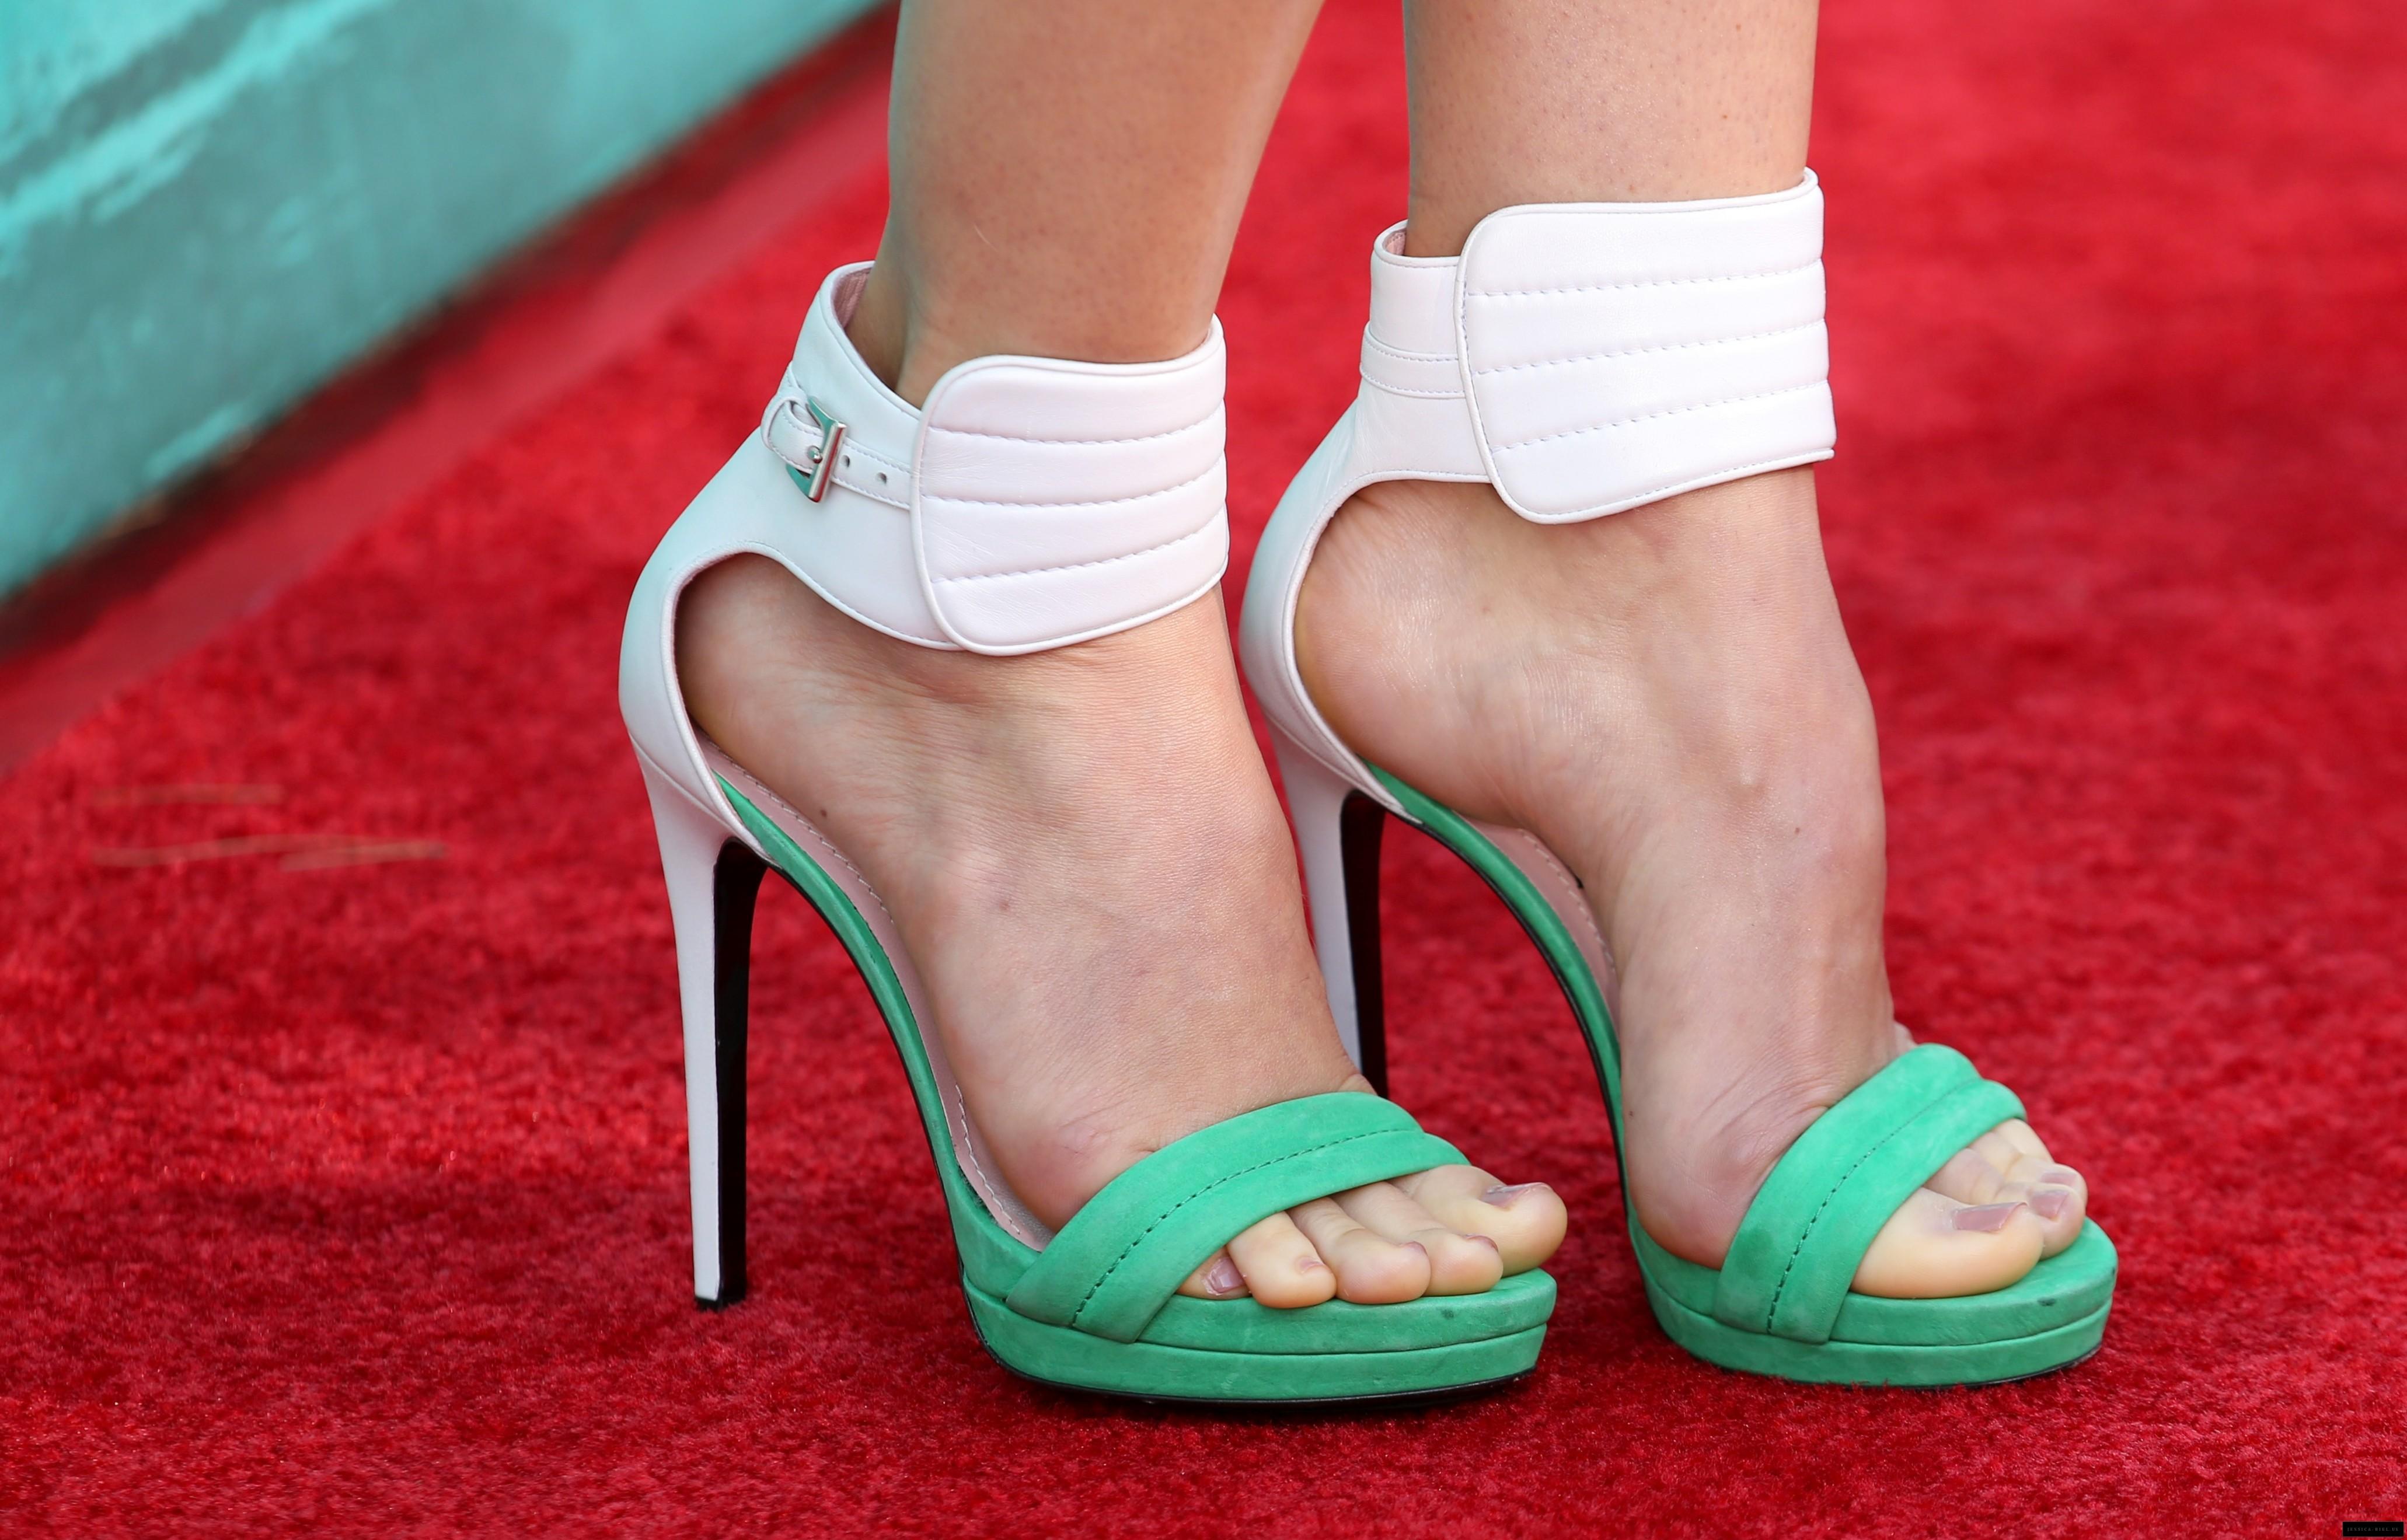 High heels and feet